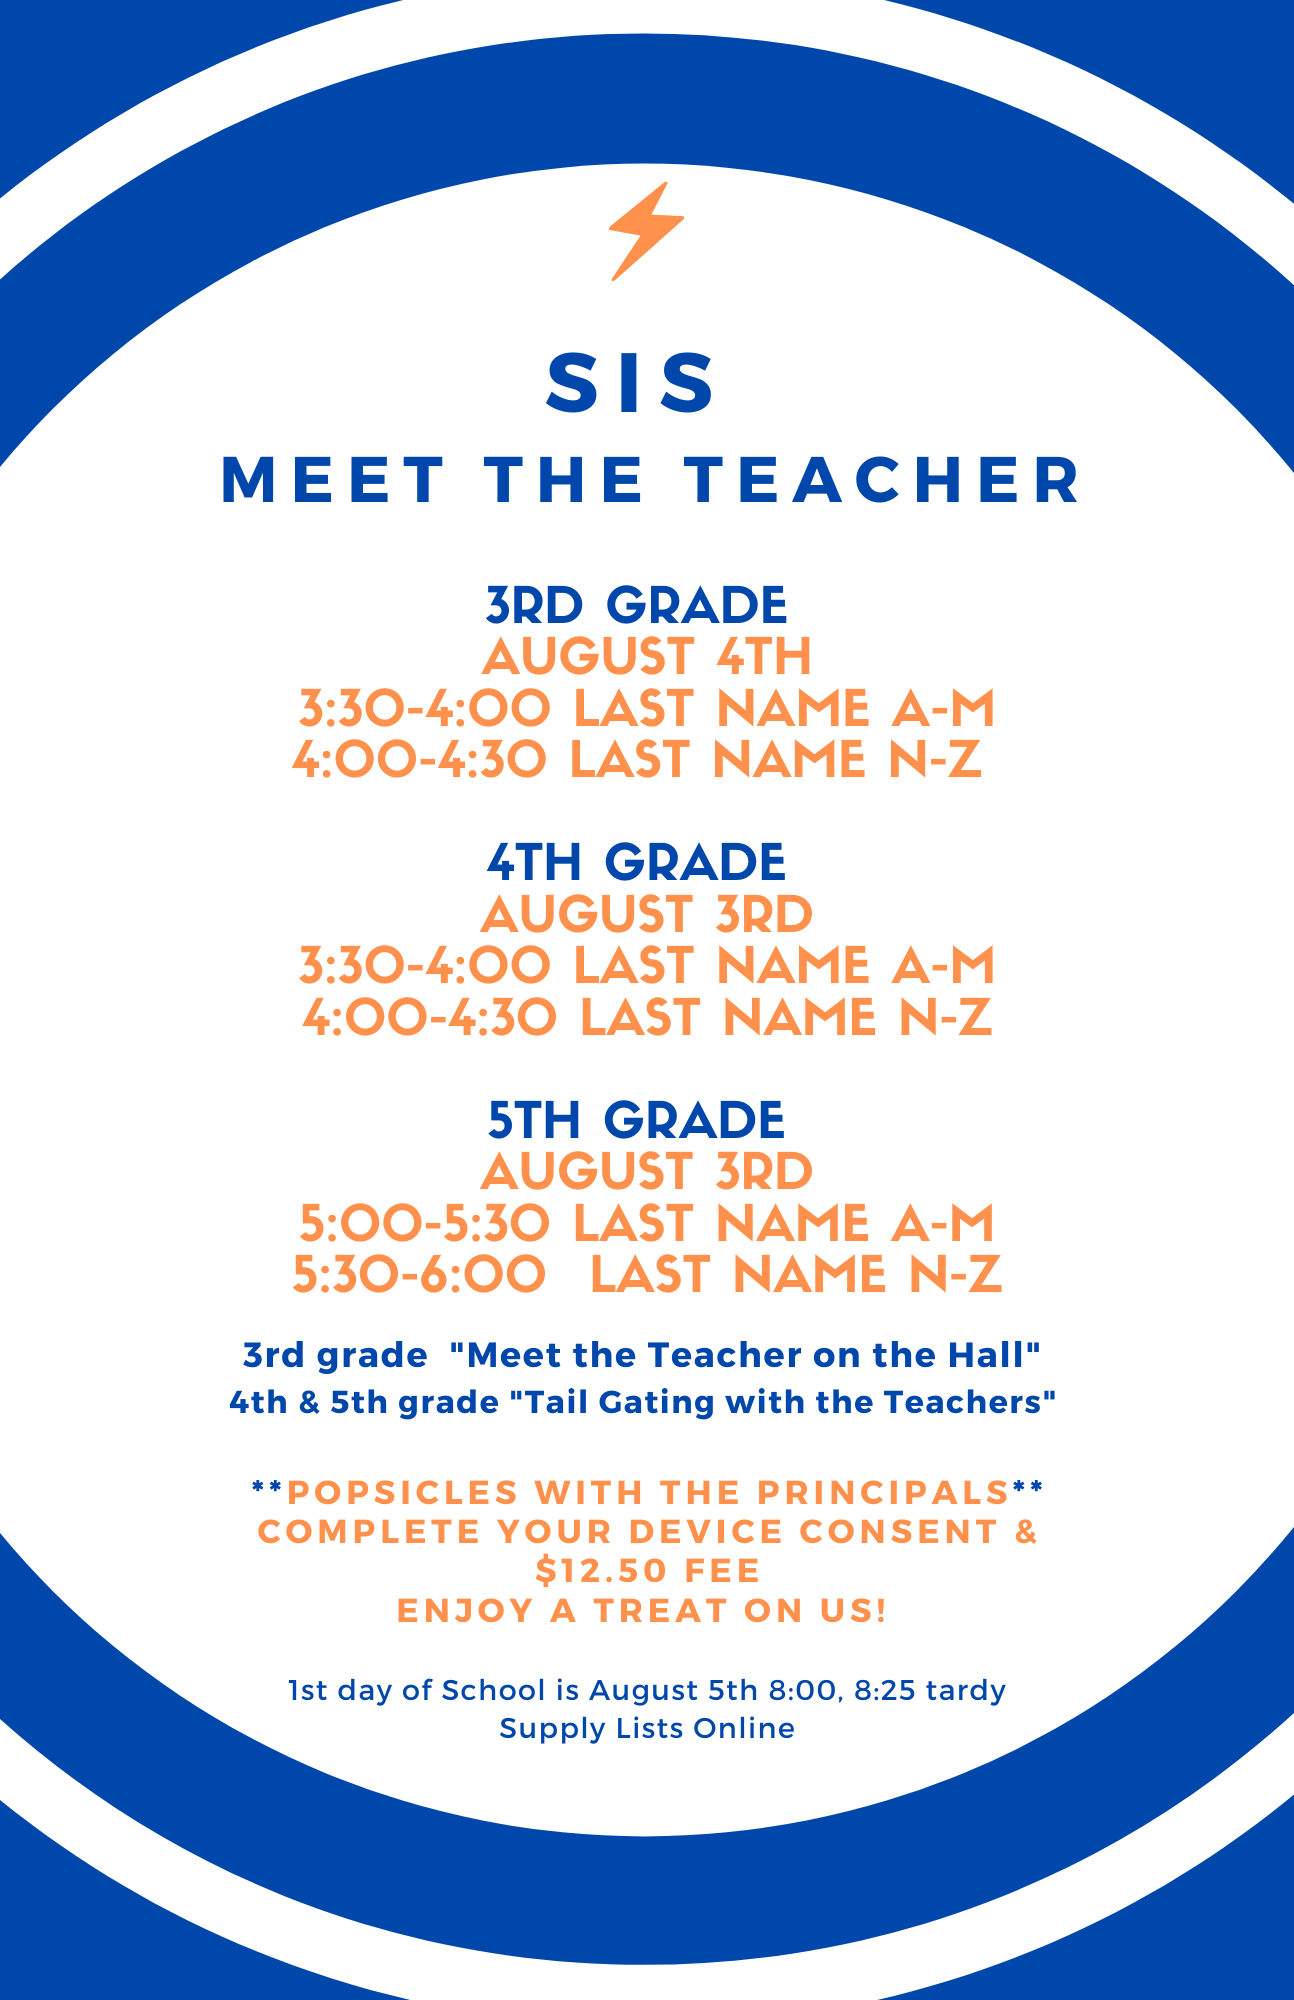 SIS Meet the Teacher